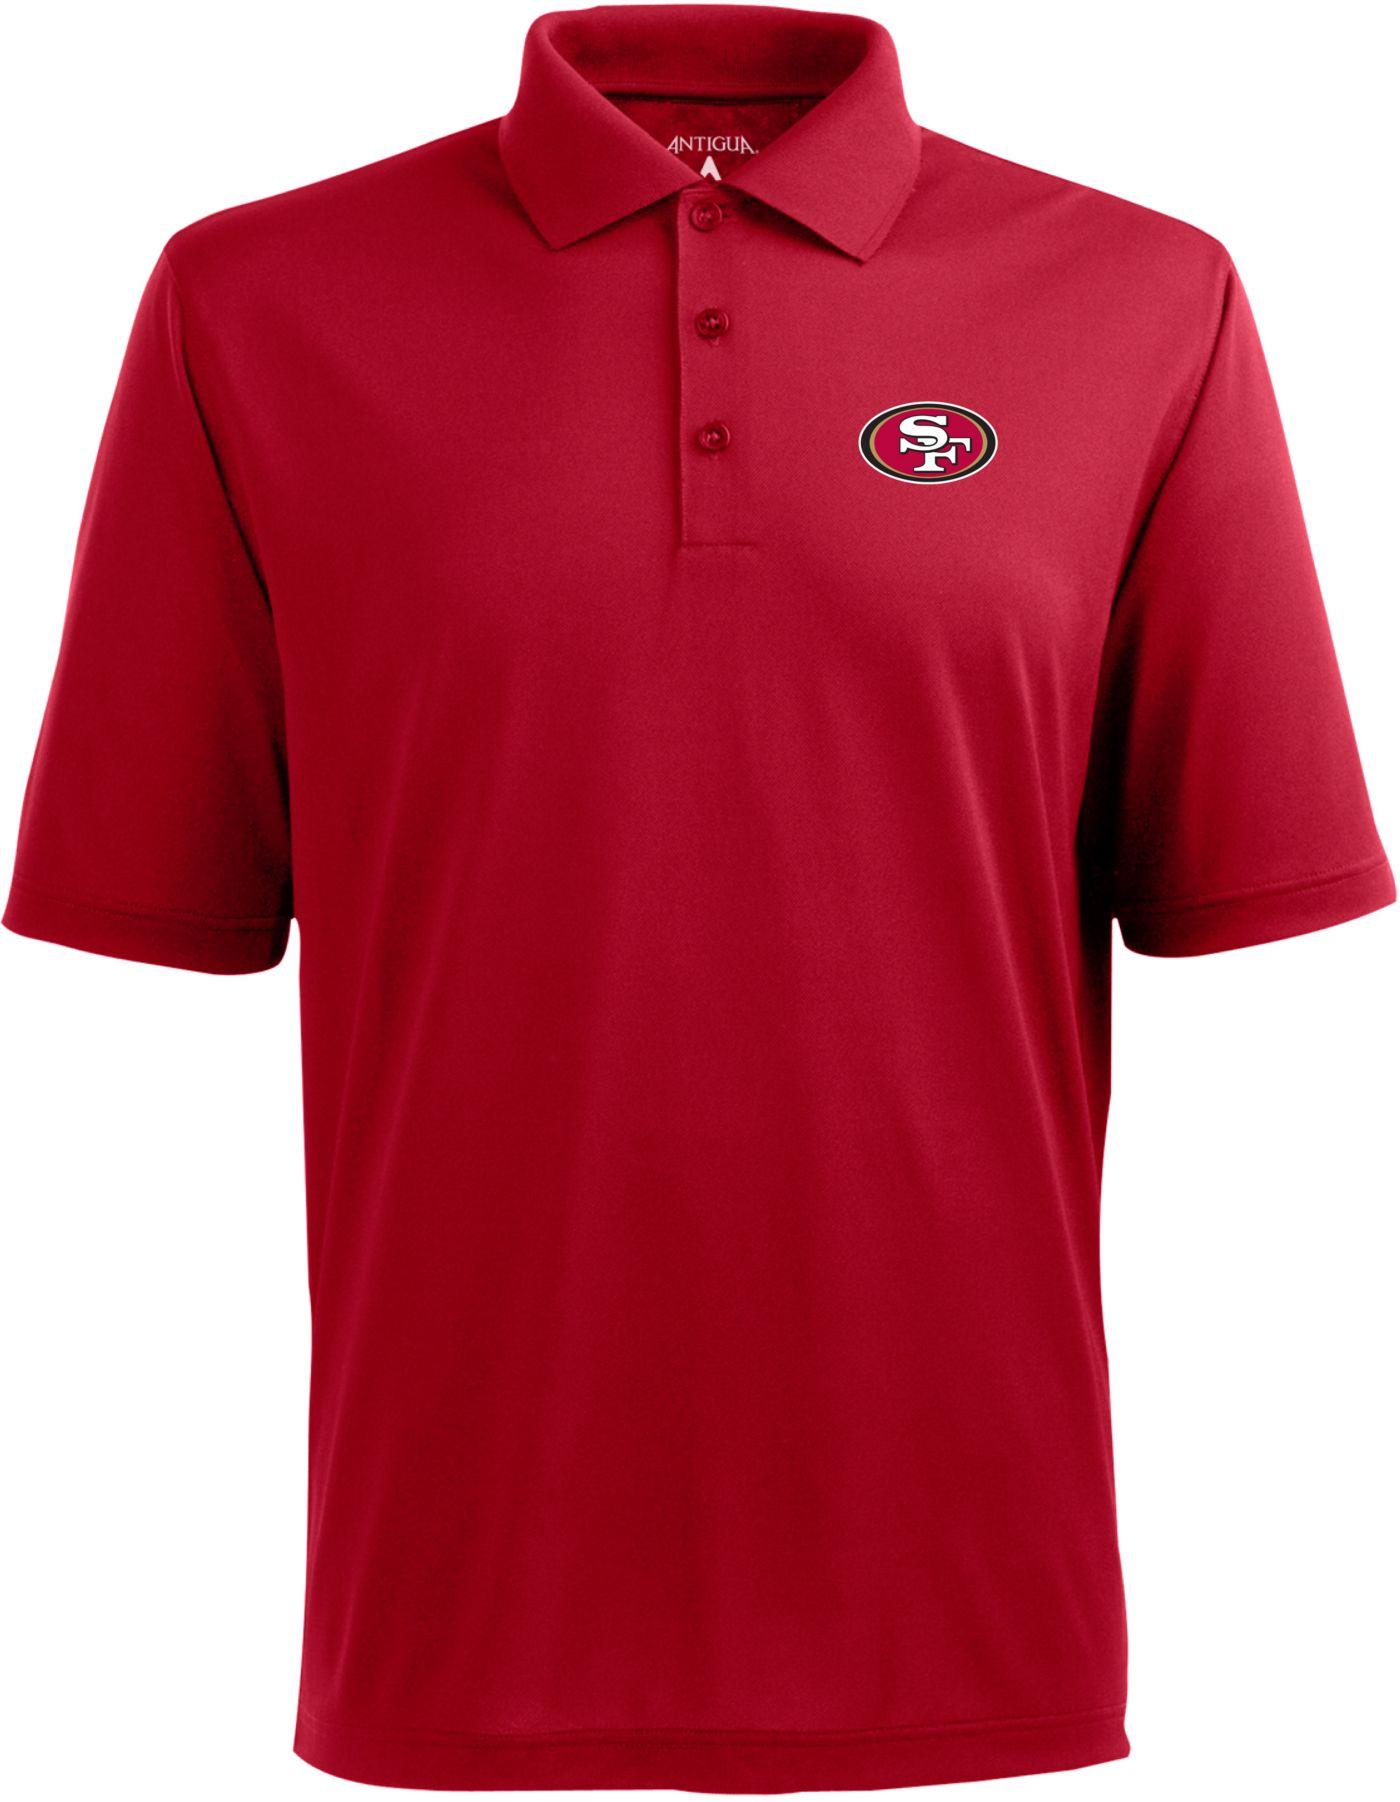 Antigua Men's San Francisco 49ers Pique Xtra-Lite Dark Red Polo